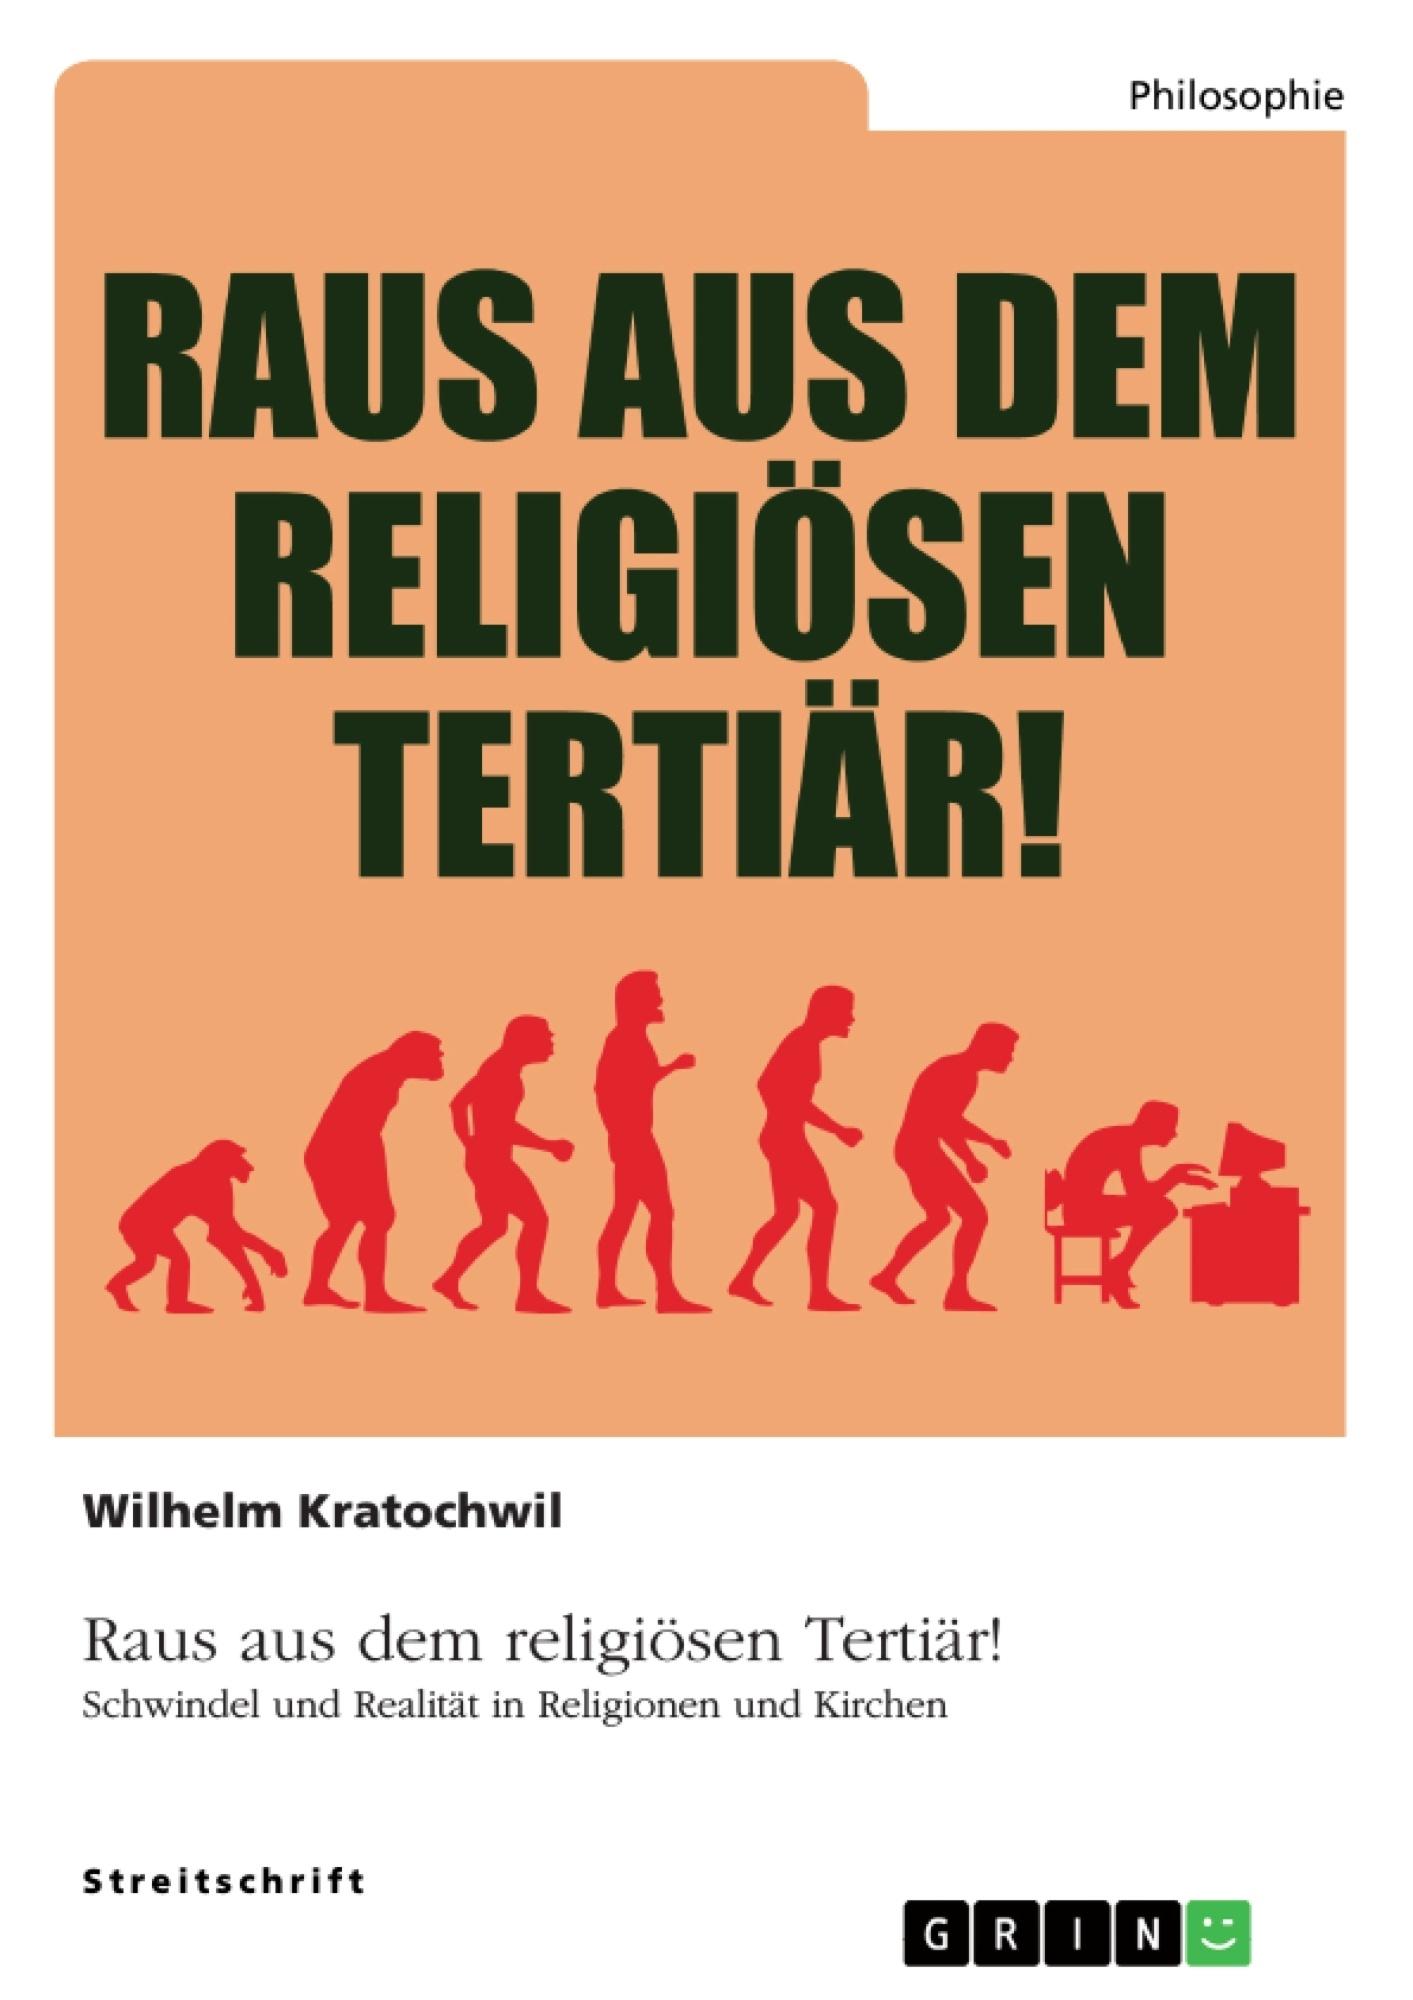 Titel: Raus aus dem religiösen Tertiär! Schwindel und Realität in Religionen und Kirchen